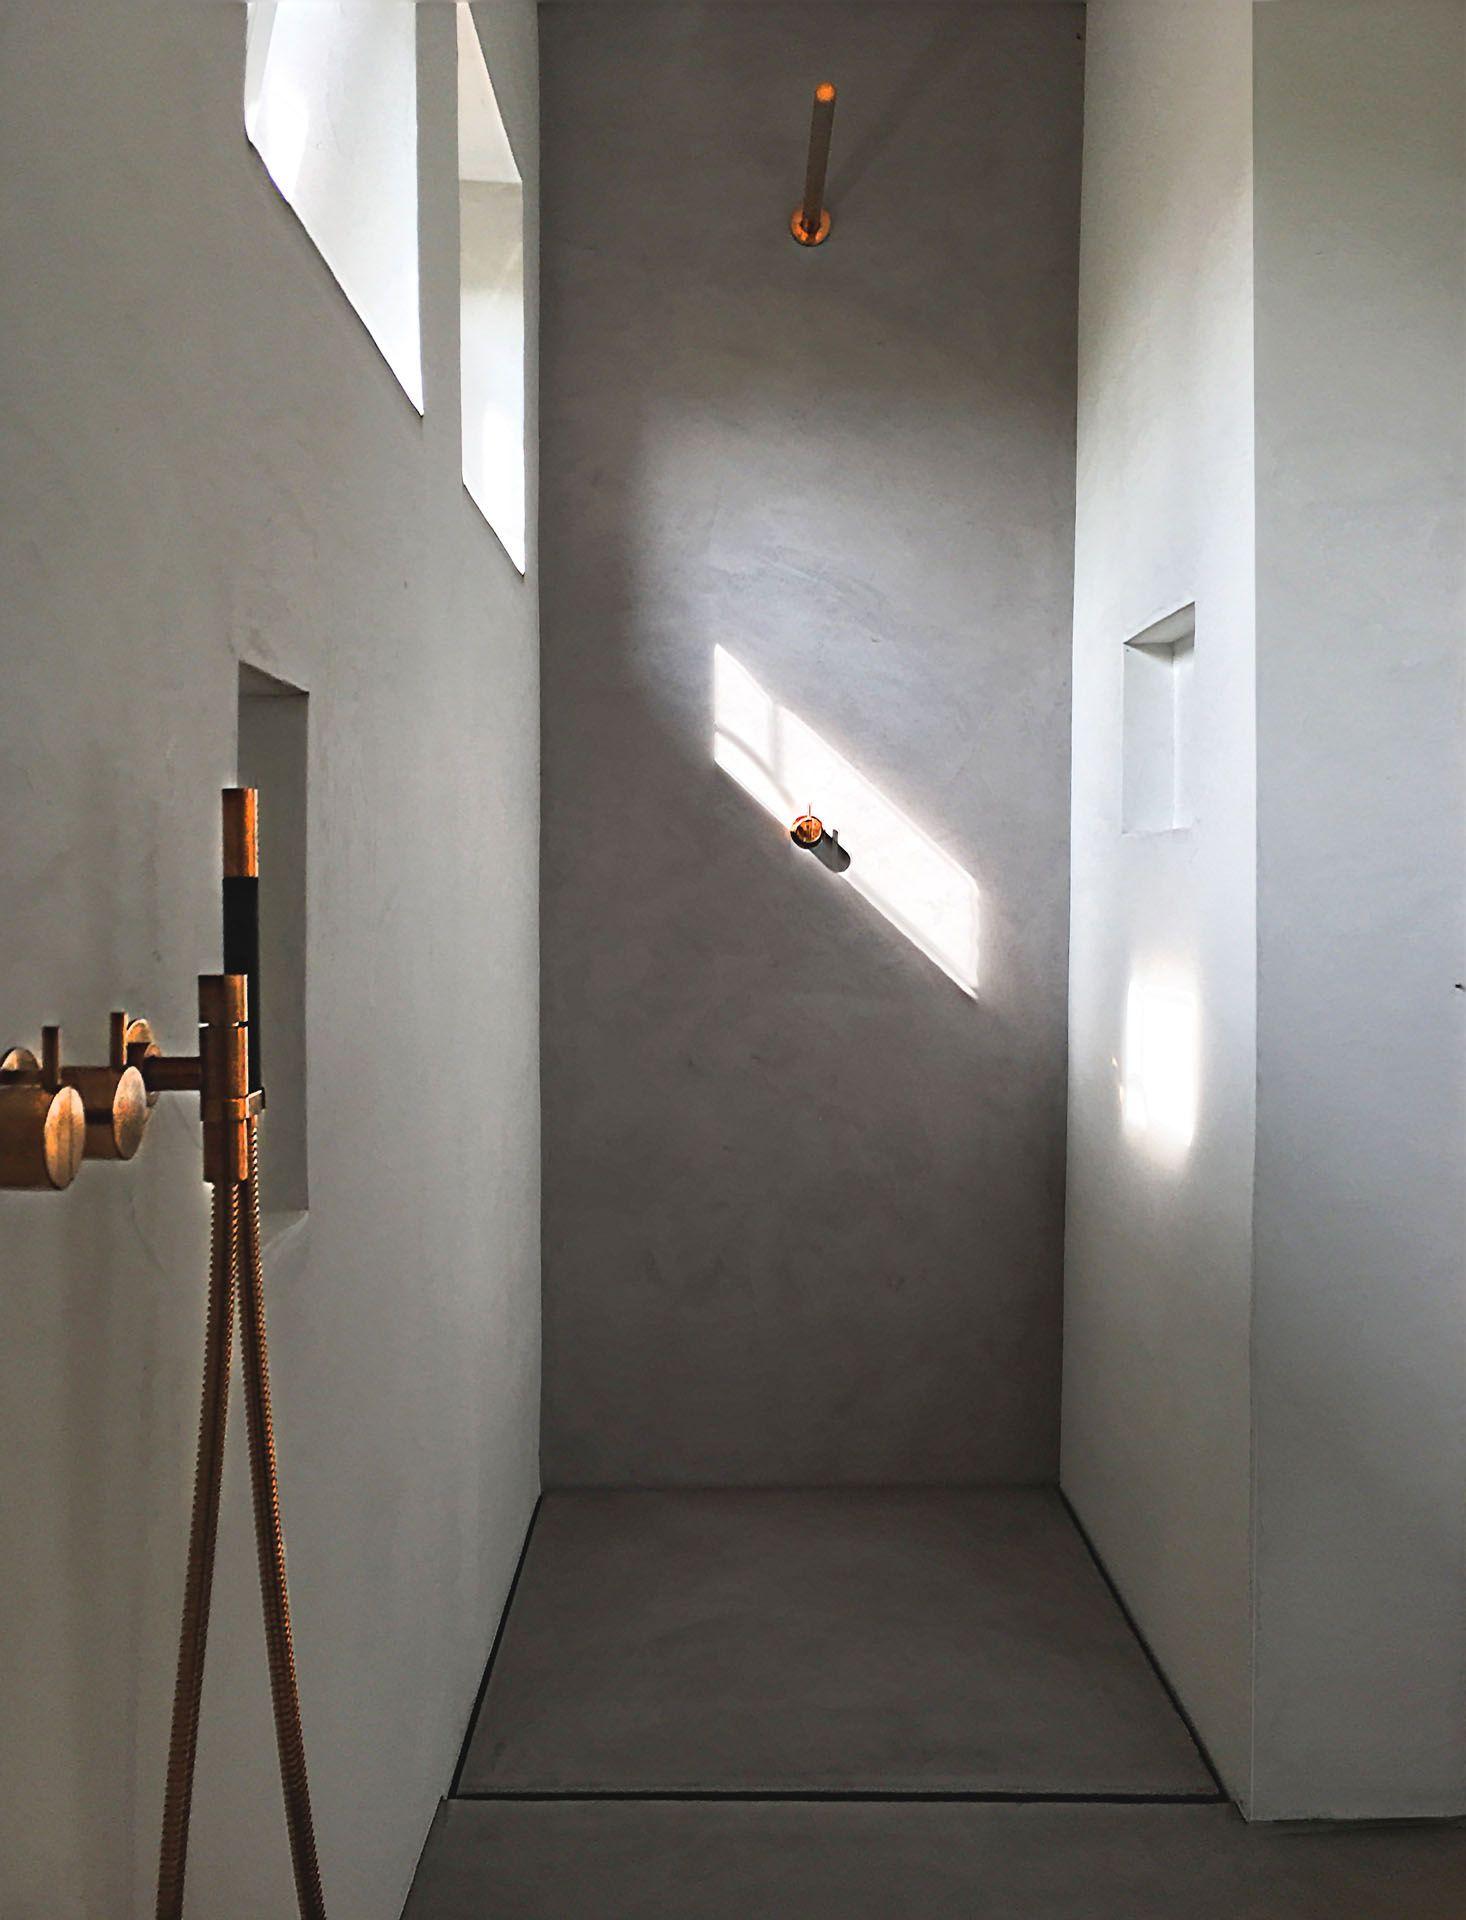 Moderne Badezimmer Die Jeden Designanspruch Erfullen Beton Cire Bader Ermoglichen Viele Gestalterische Mogli Modernes Badezimmer Badezimmer Design Badezimmer